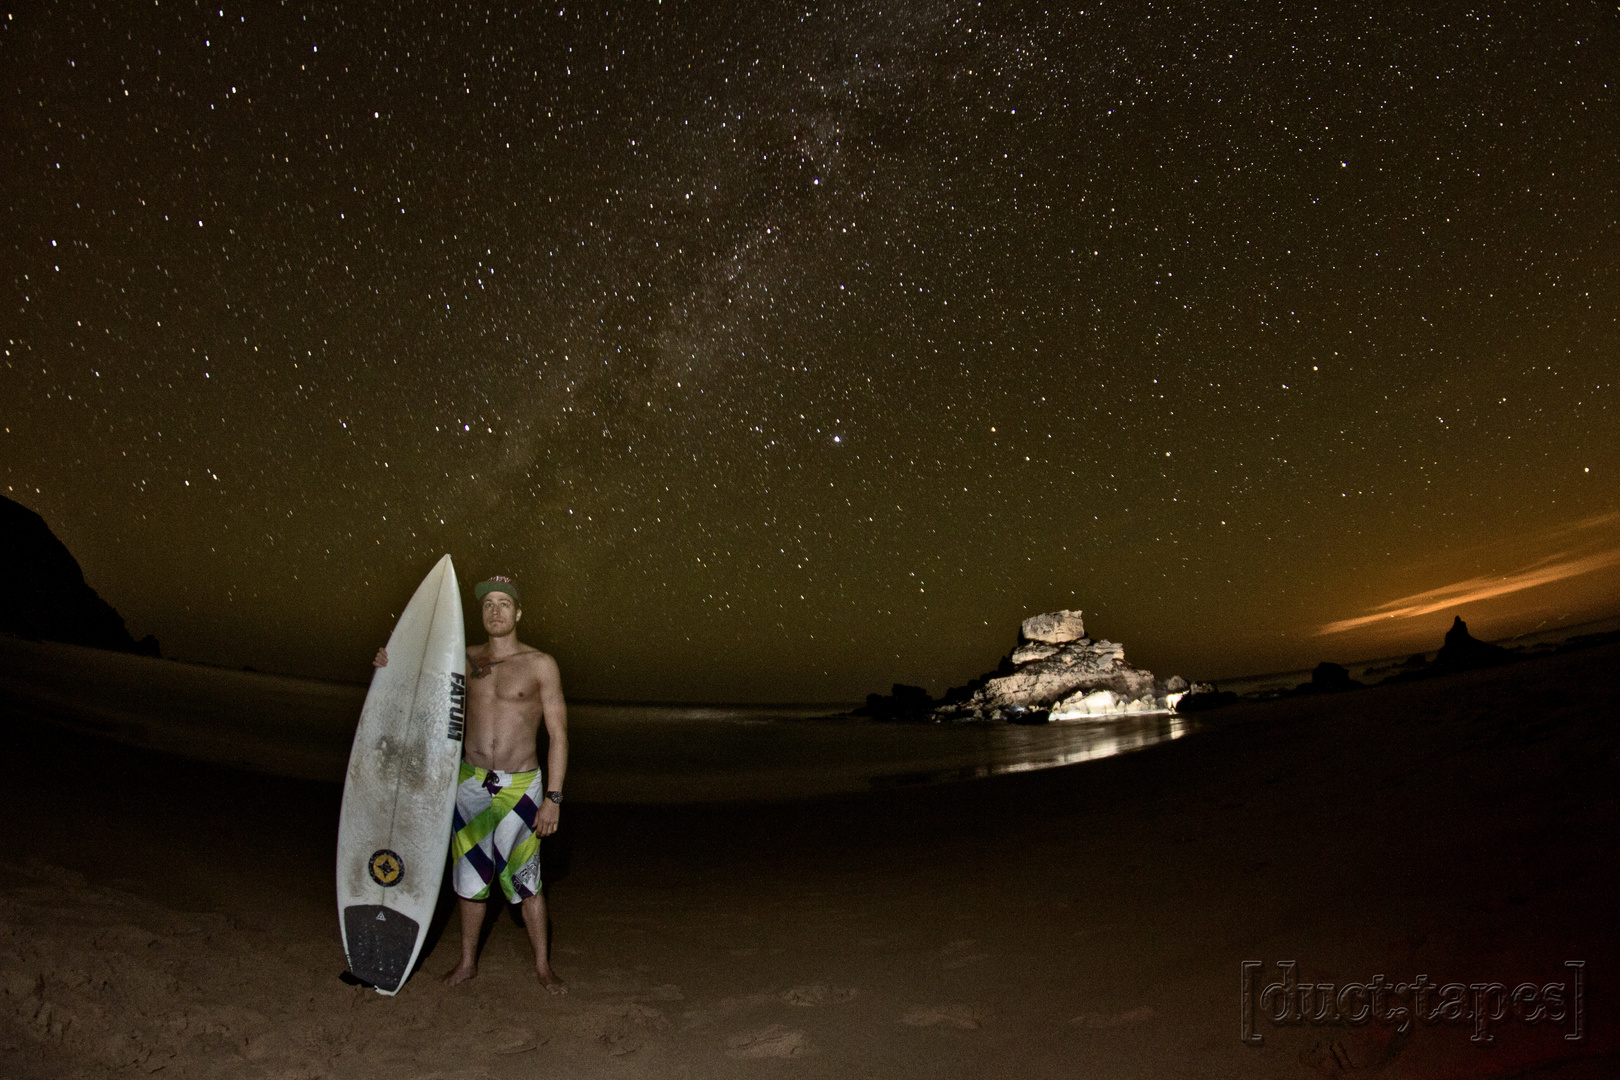 Surfer at night